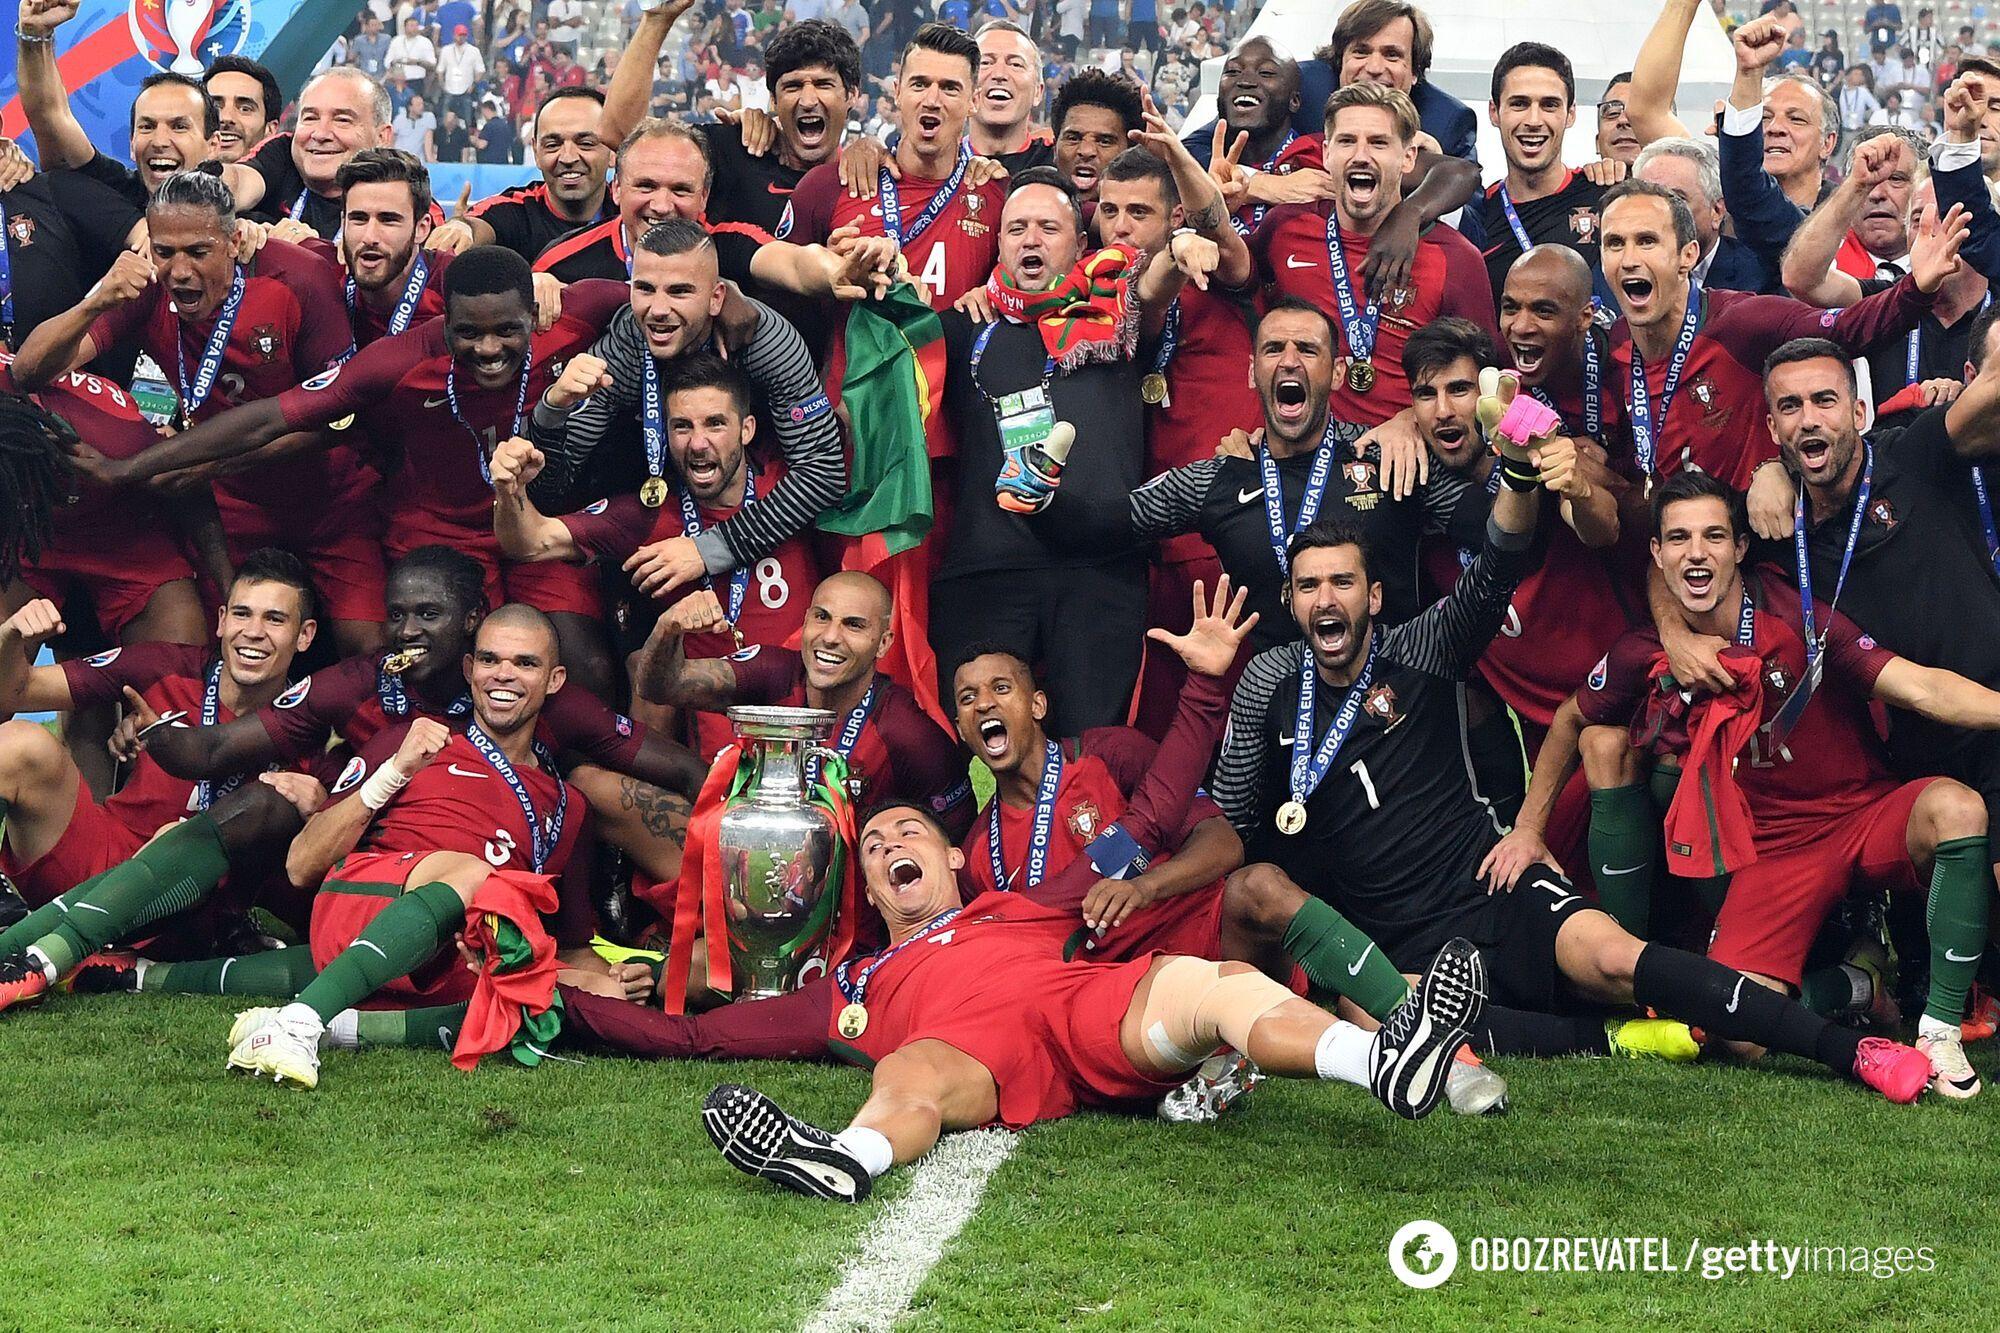 Португалія виграла Євро-2016